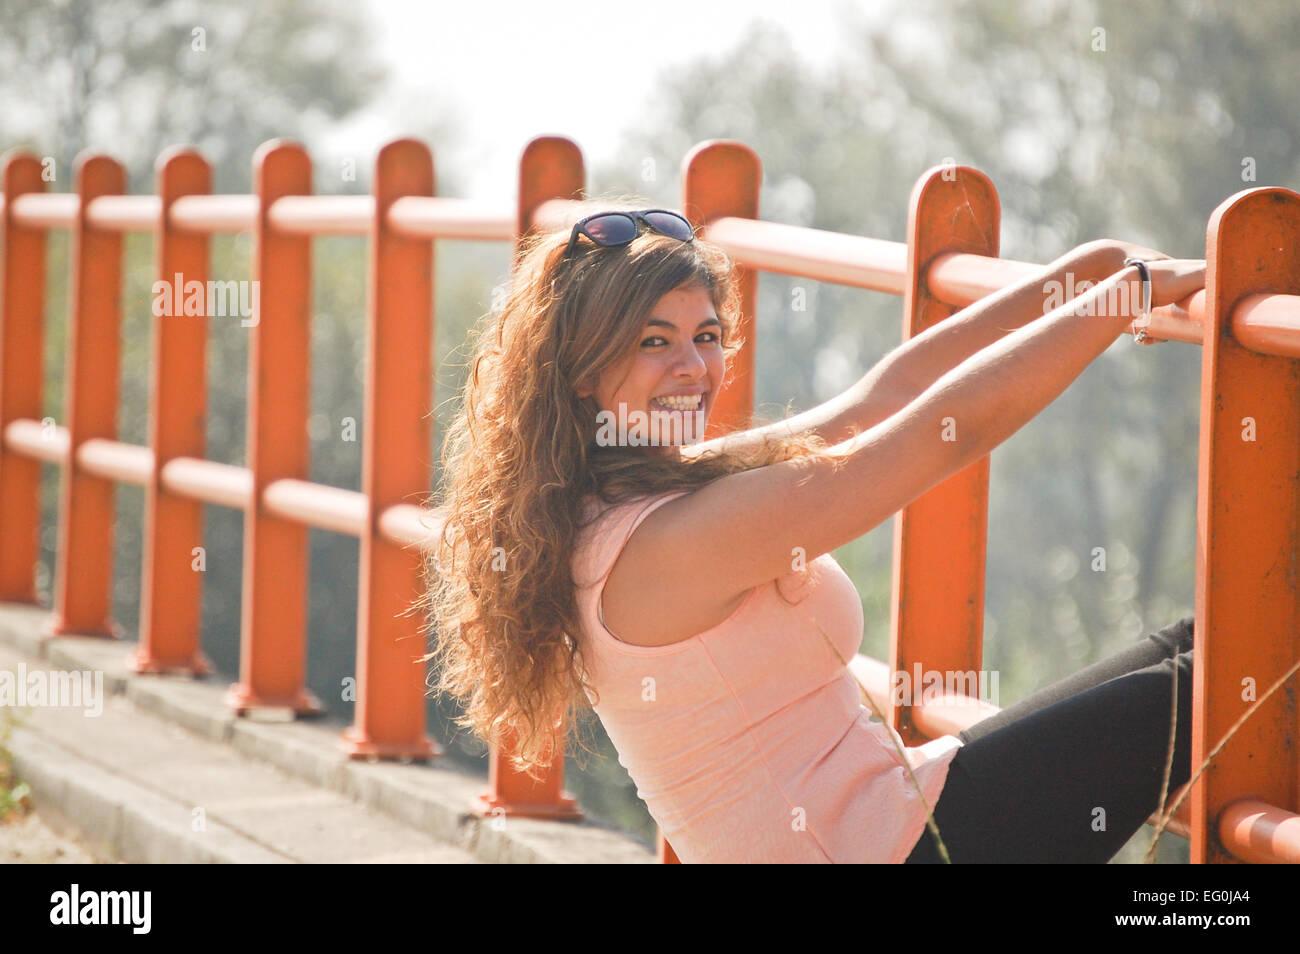 Capelli lunghi donna appoggiata sulla barriera di arancione e sorridente alla fotocamera Immagini Stock